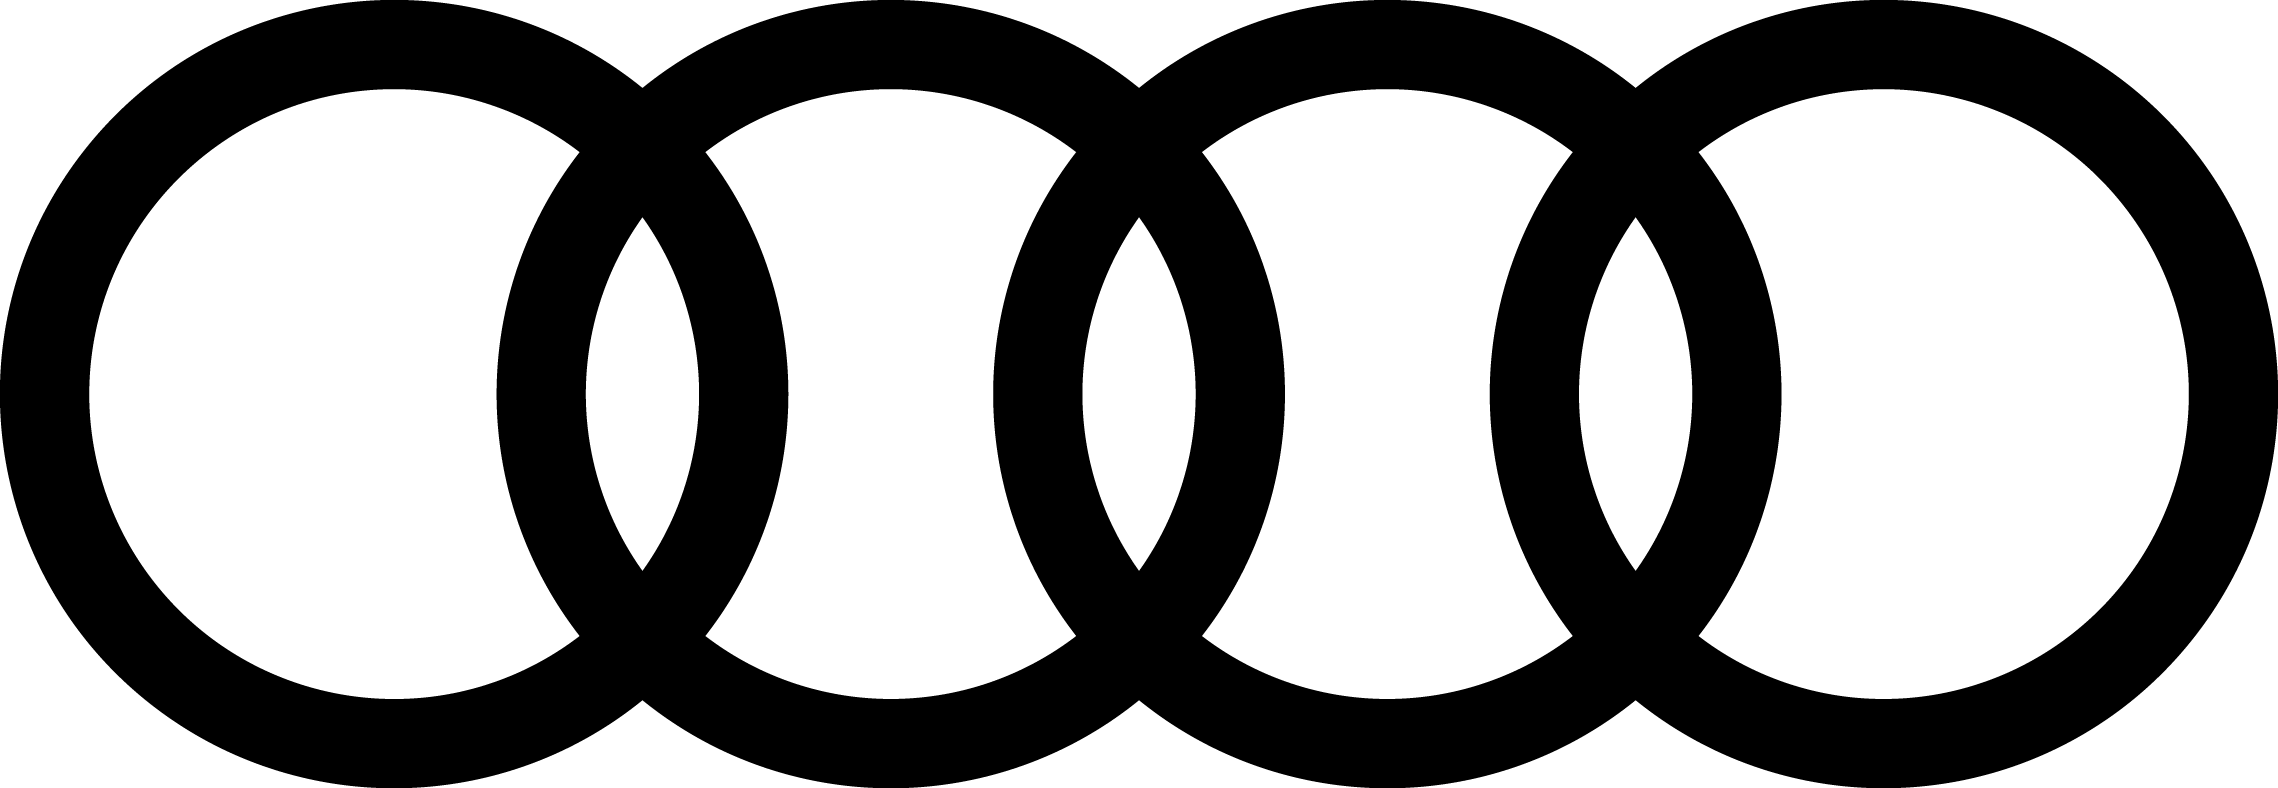 CONCESSIONARIO AUDI USATE Idea Auto Srl a Bomporto in provincia di Modena: acquisto auto e veicoli commerciali in contanti, soccorso stradale H24, carroattrezzi sempre operativo, vendita auto nuove e usate, veicoli commerciali nuovi e usati